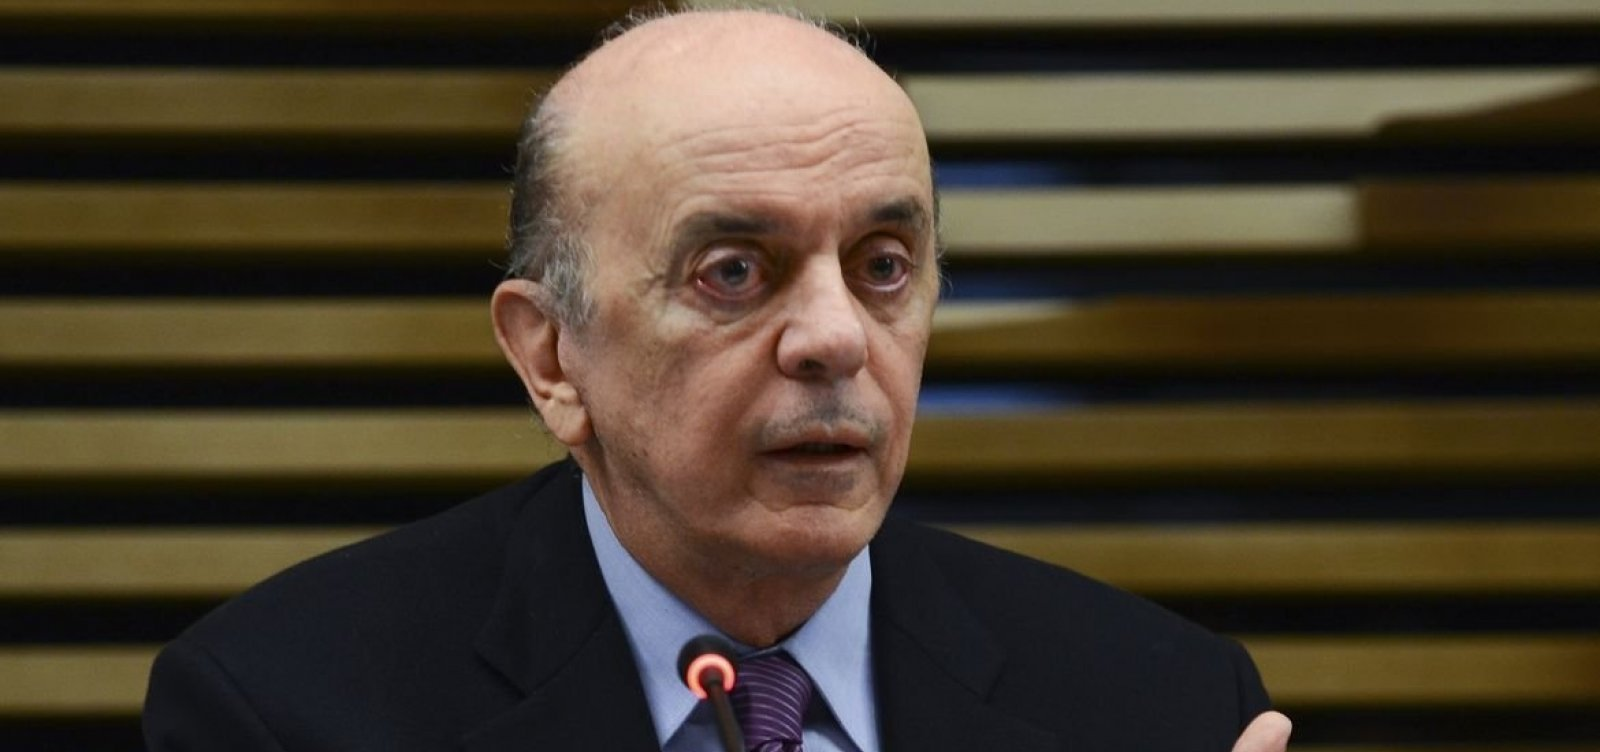 Após decisão de Toffoli, juiz suspende ação que tornou Serra réu por lavagem de dinheiro